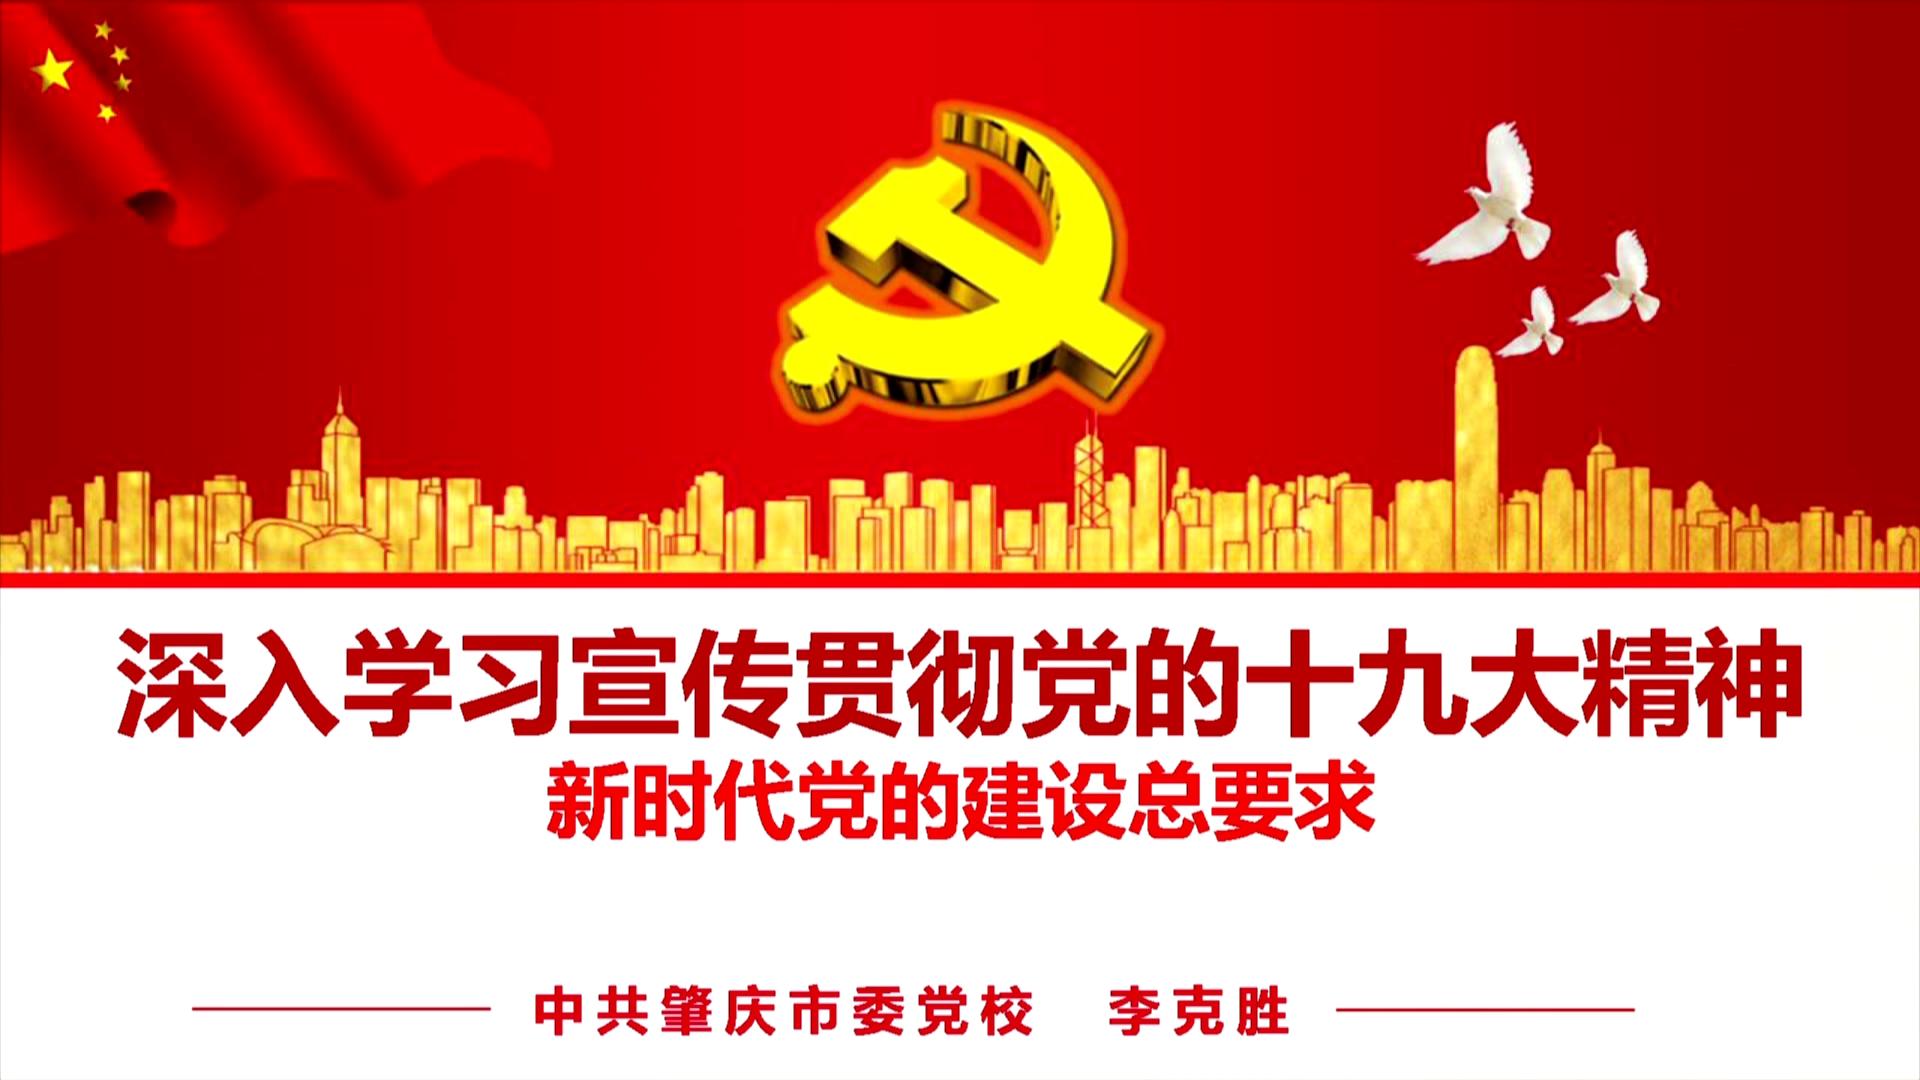 《深入学习宣传贯彻党的十九大精神》